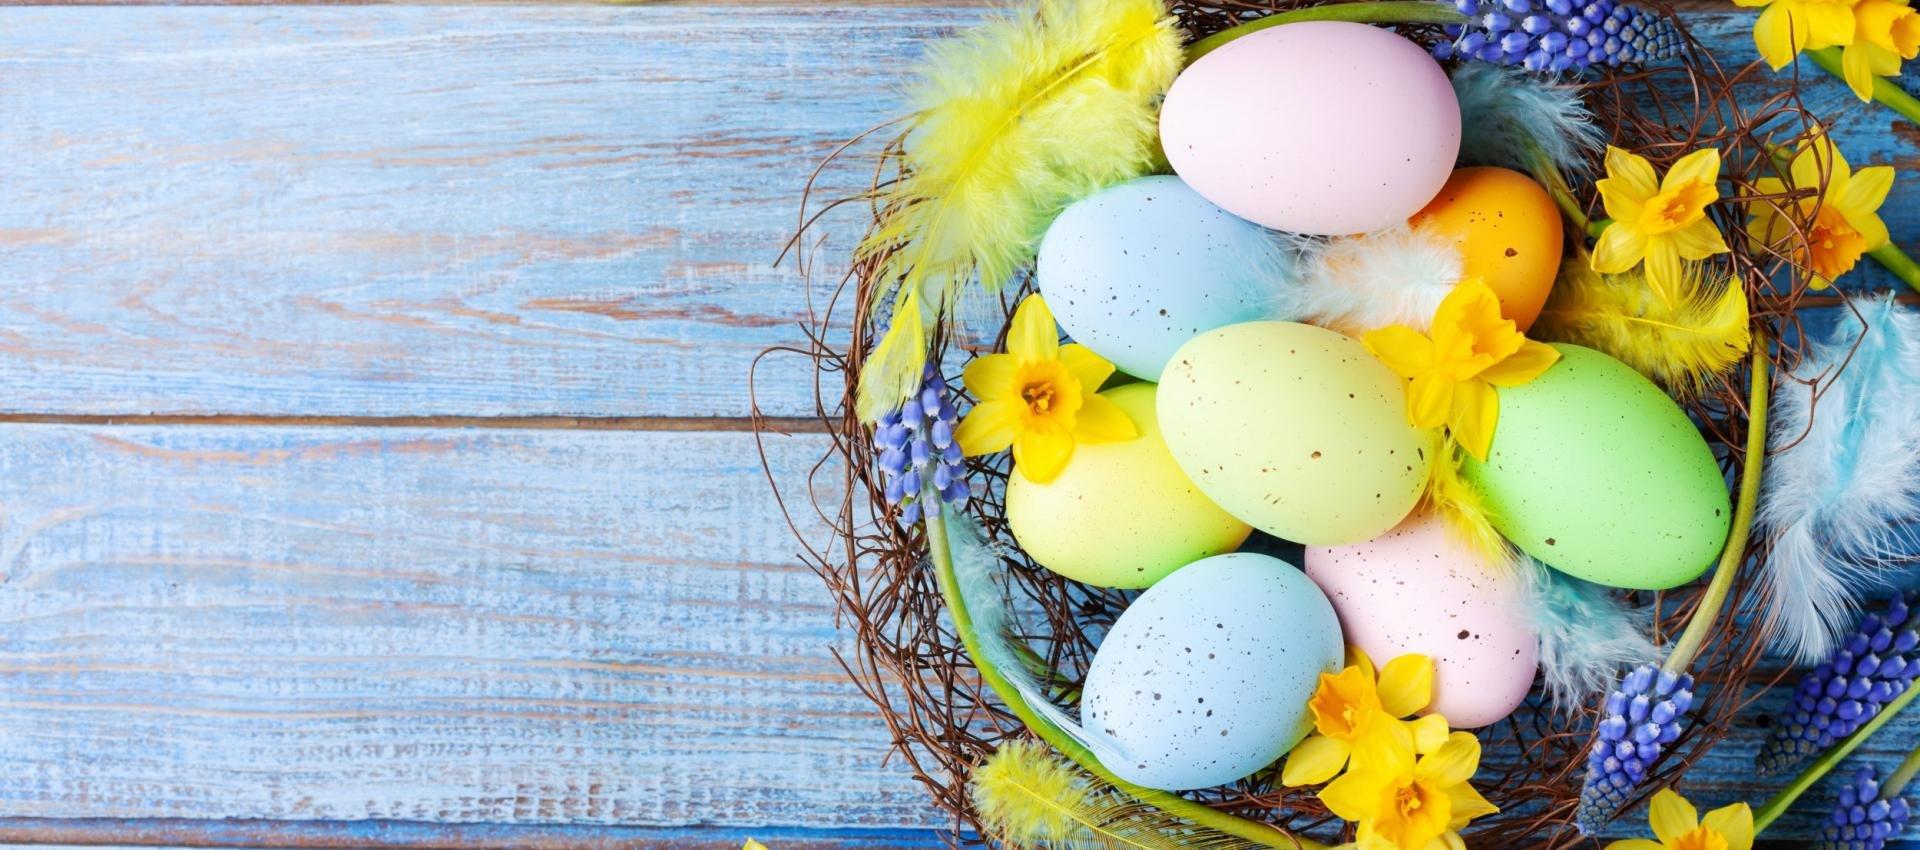 Menù di Pasqua DELIVERY: Immagine